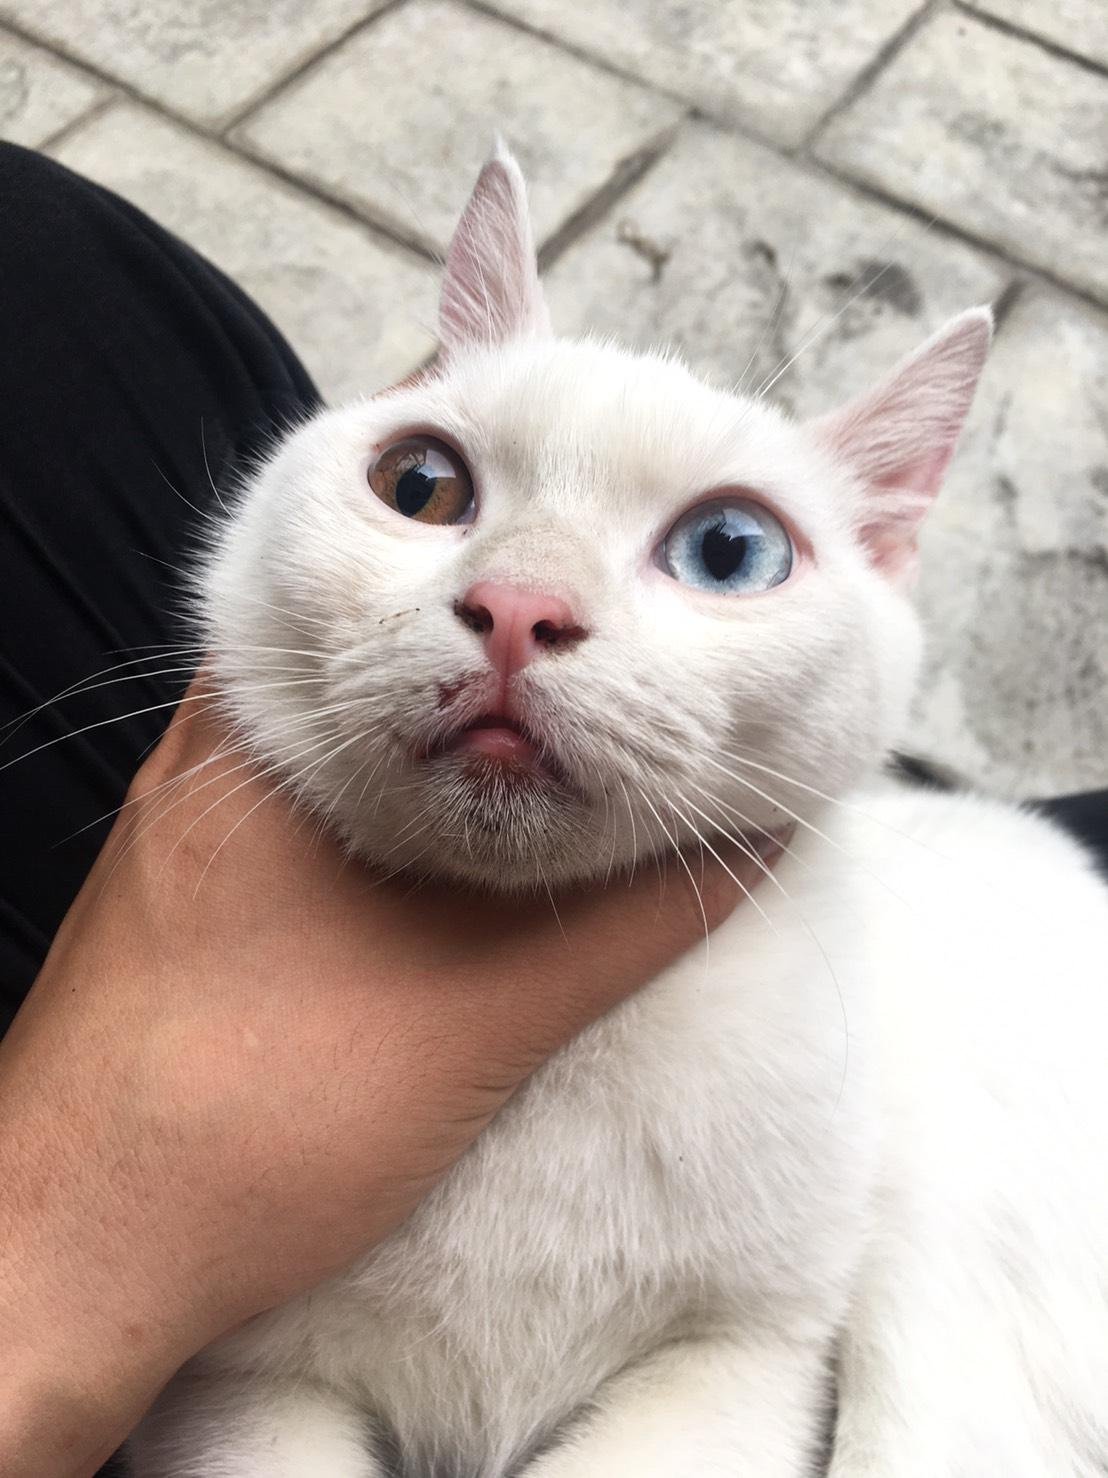 貓咪走失-成功找回貓咪